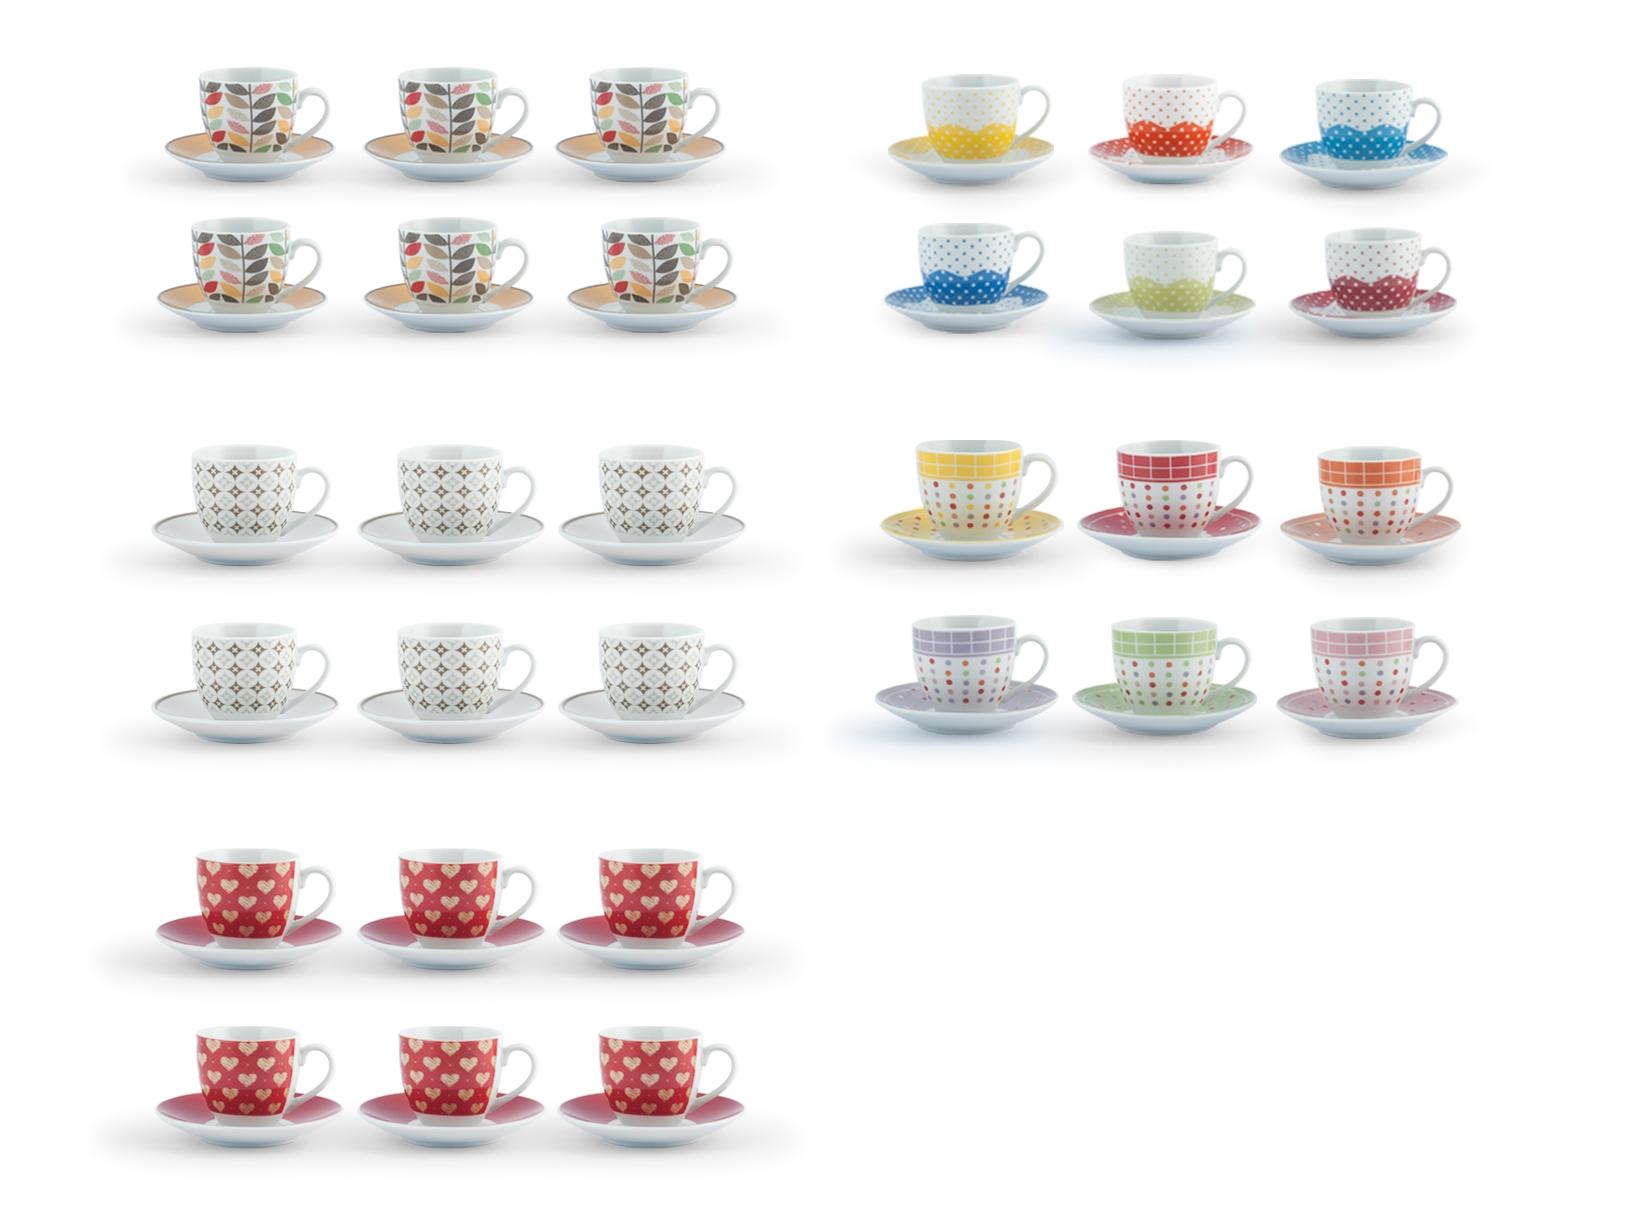 Confezione 6 Caffe'pcl Decoro Assortito Con Piatto Cc90